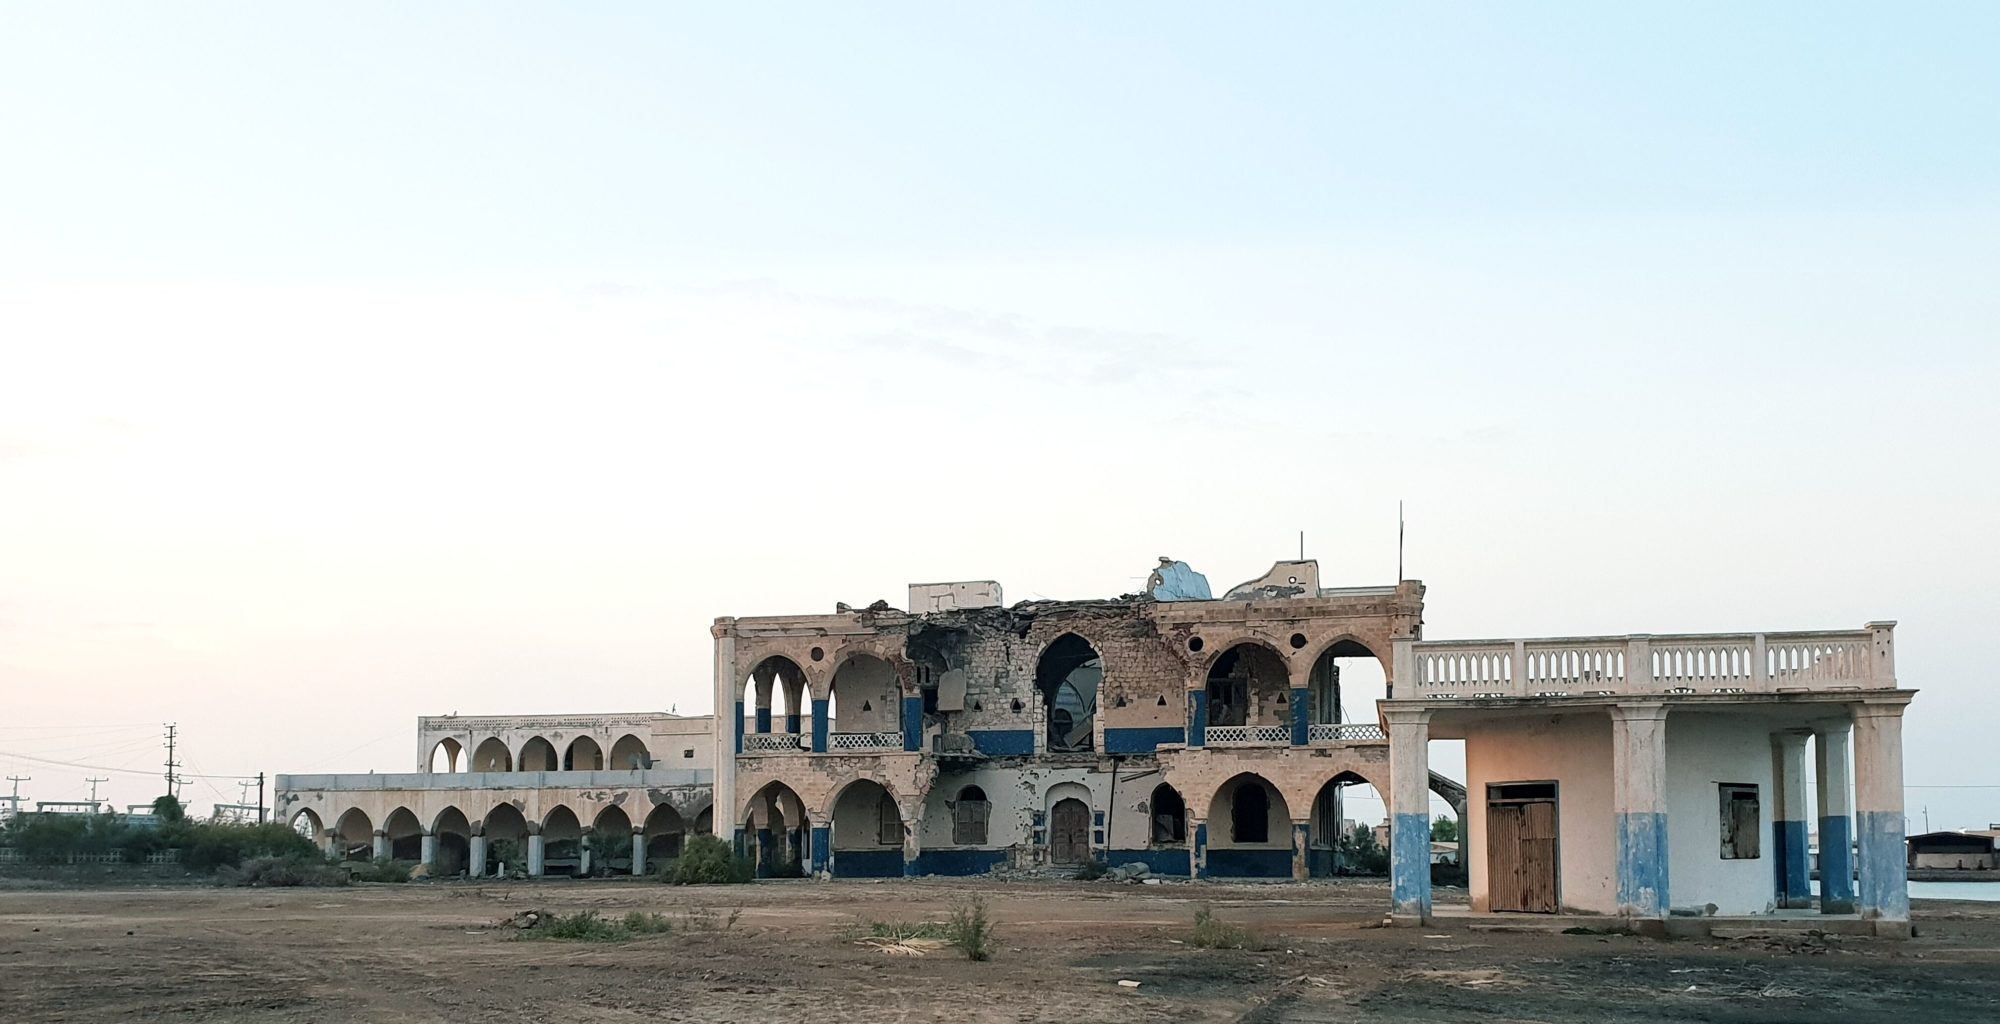 Eritrea-Dahlak-Hotel-Ruins